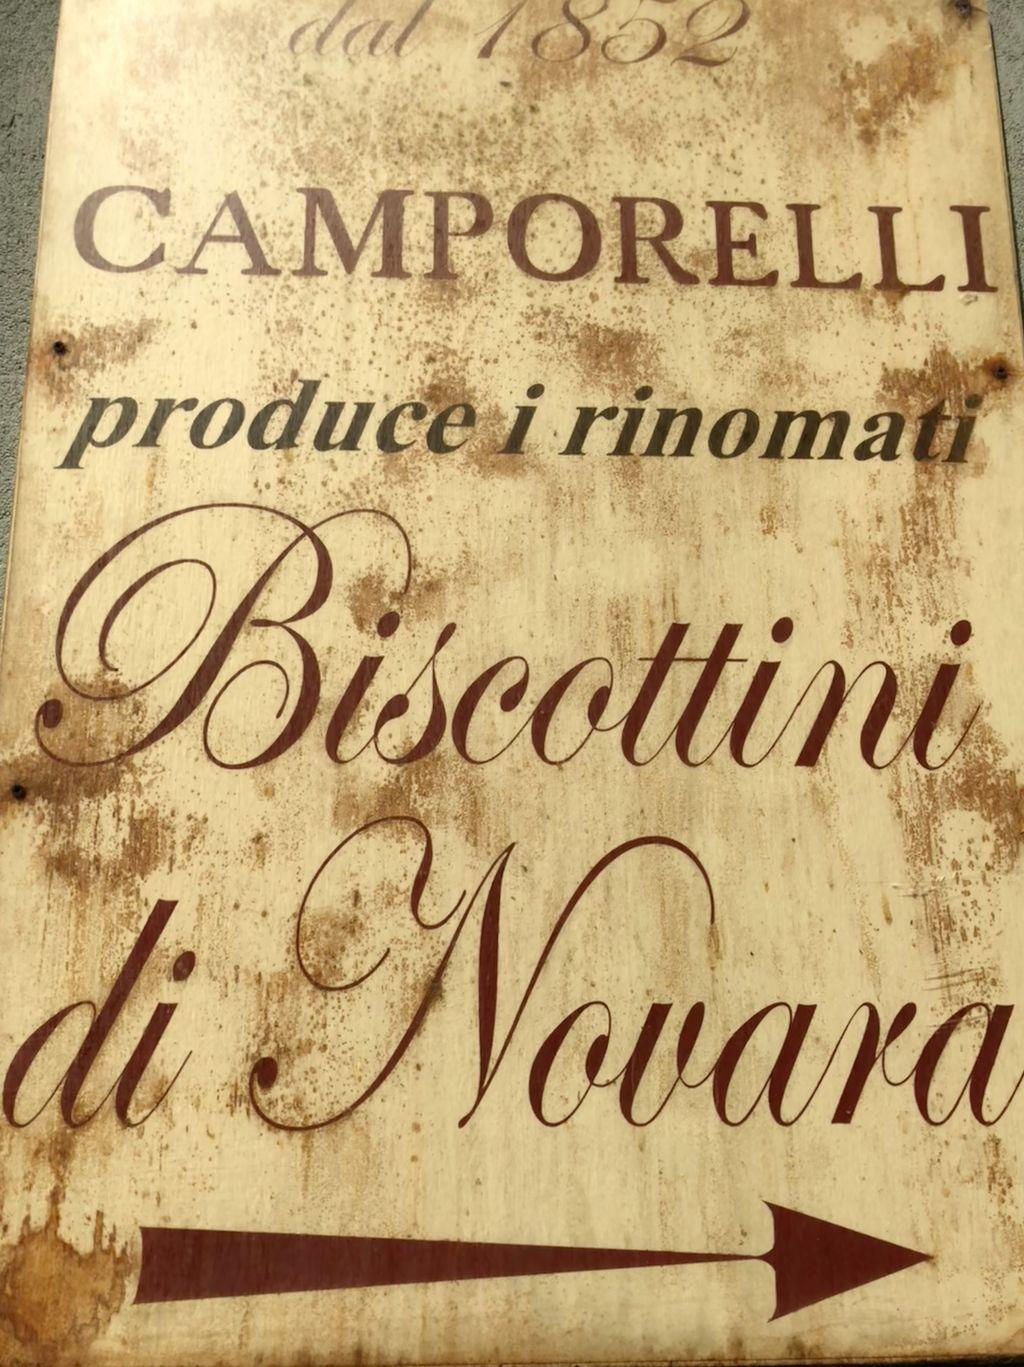 Von den vielen Feinbäckereien, die einst die bekannte Leckerei produzierten, sind heute nur noch wenige übrig geblieben. Eine der ältesten und bekanntesten ist die Biscottificio Camporelli von Ambrogio Fasola.